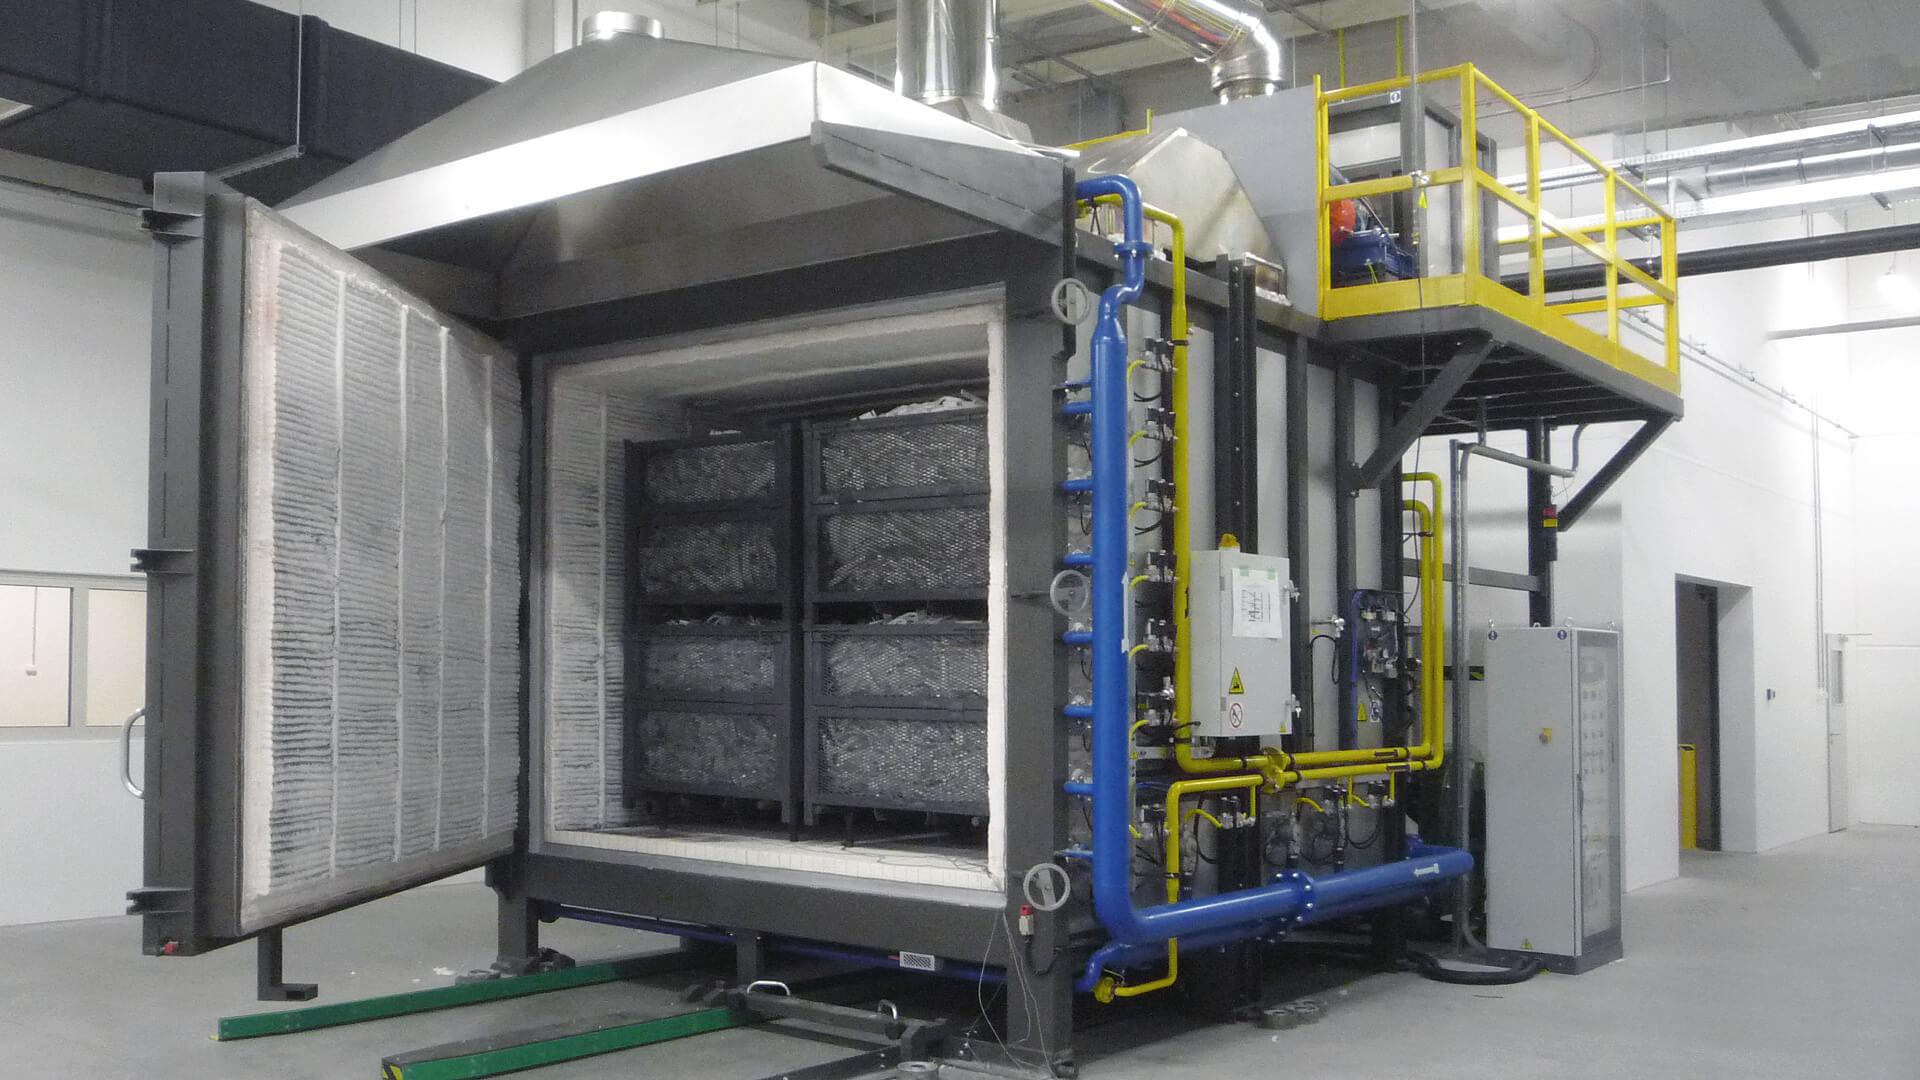 Forno industriale per Forno a camera con stacker truck per carico/scarico | Pagnotta Termomeccanica